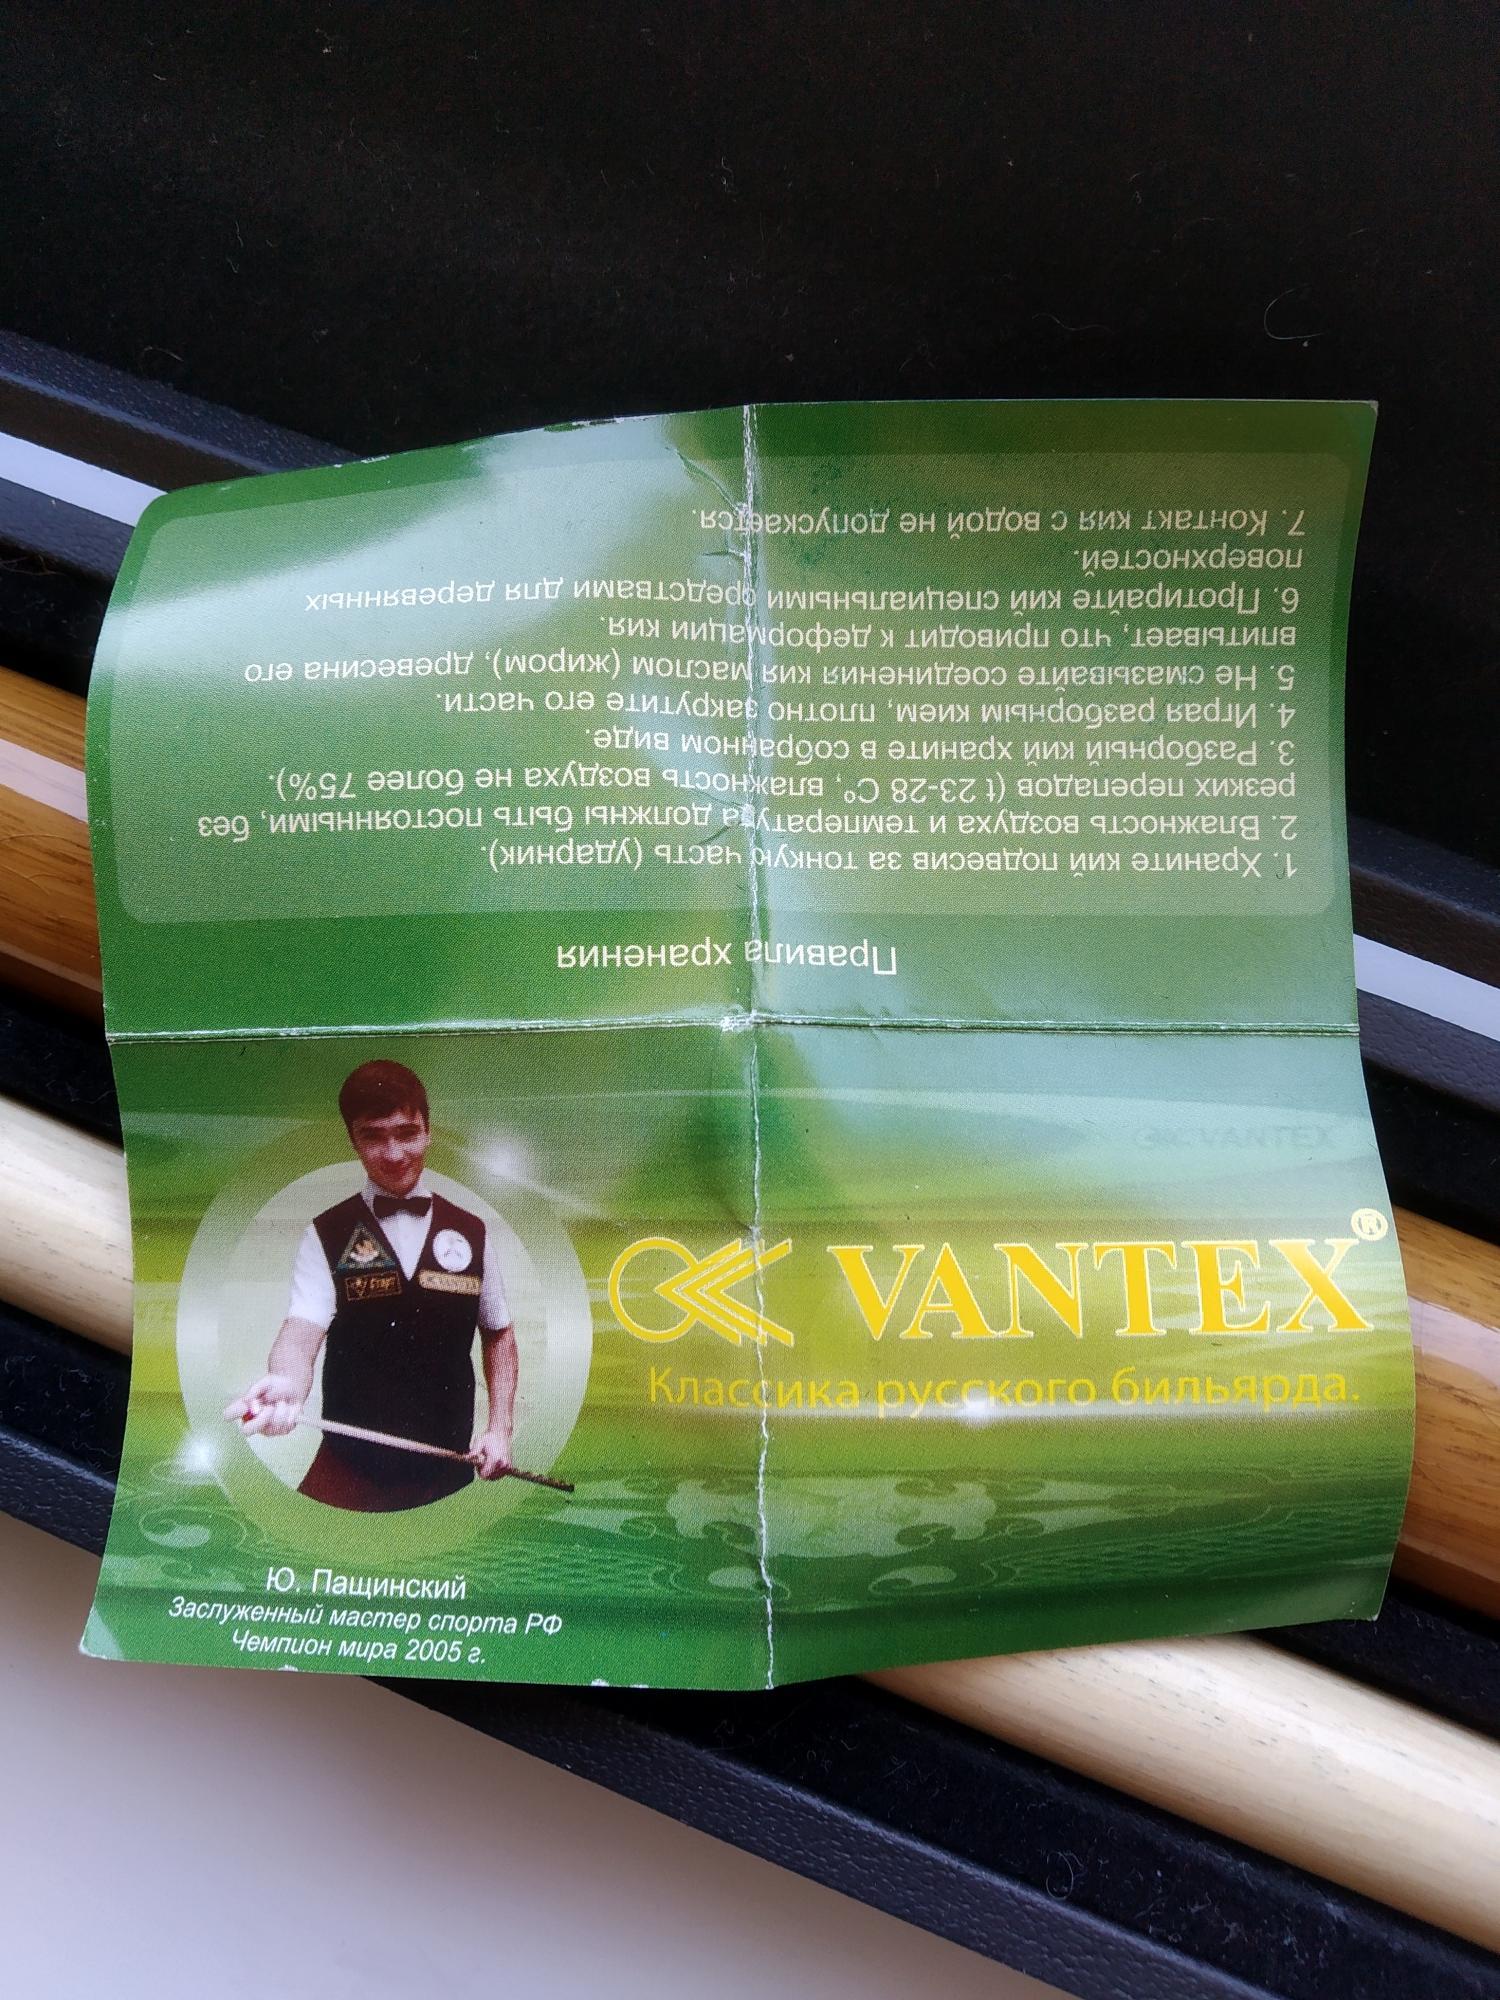 Кий Vantex, 2-х Дуб, в футляре. вес 702 гр. в Москве 89268695551 купить 4